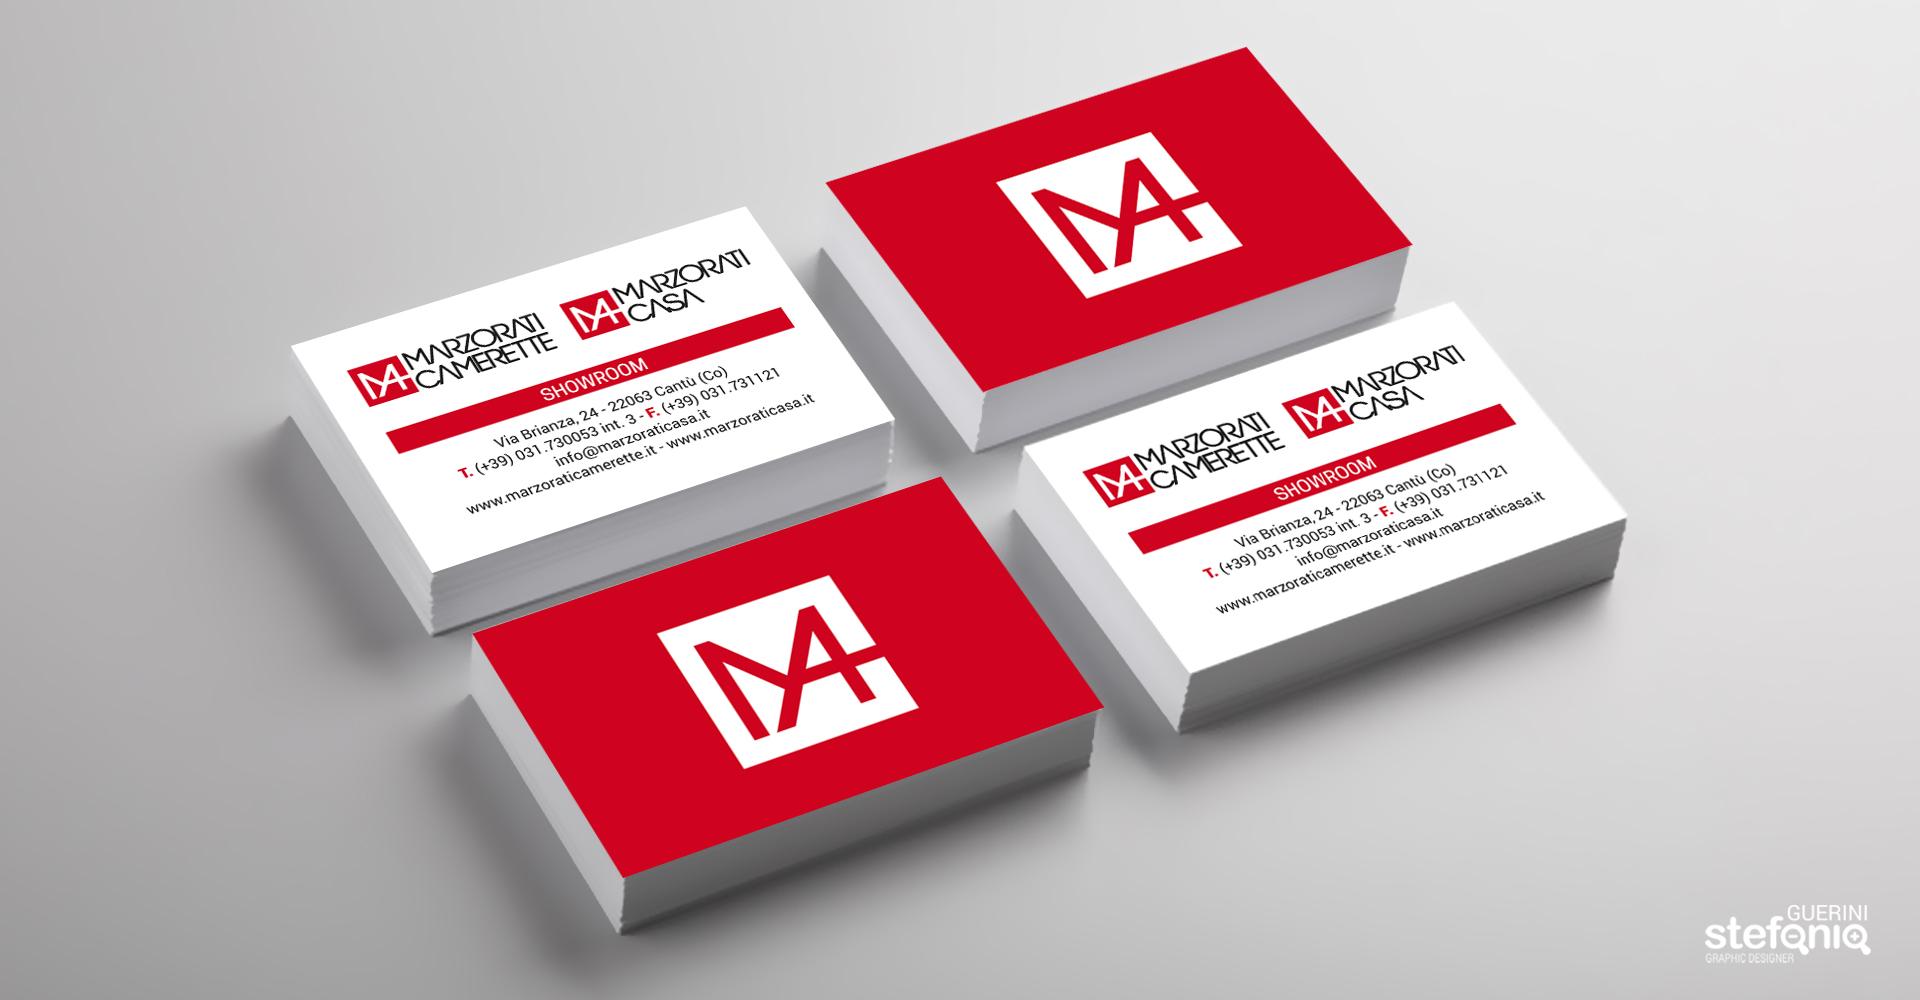 MARZO_BIGL_VISITA stefania guerini graphic designer grafico progettazione volantini bigliettini da visita 6x3 stand cantu como